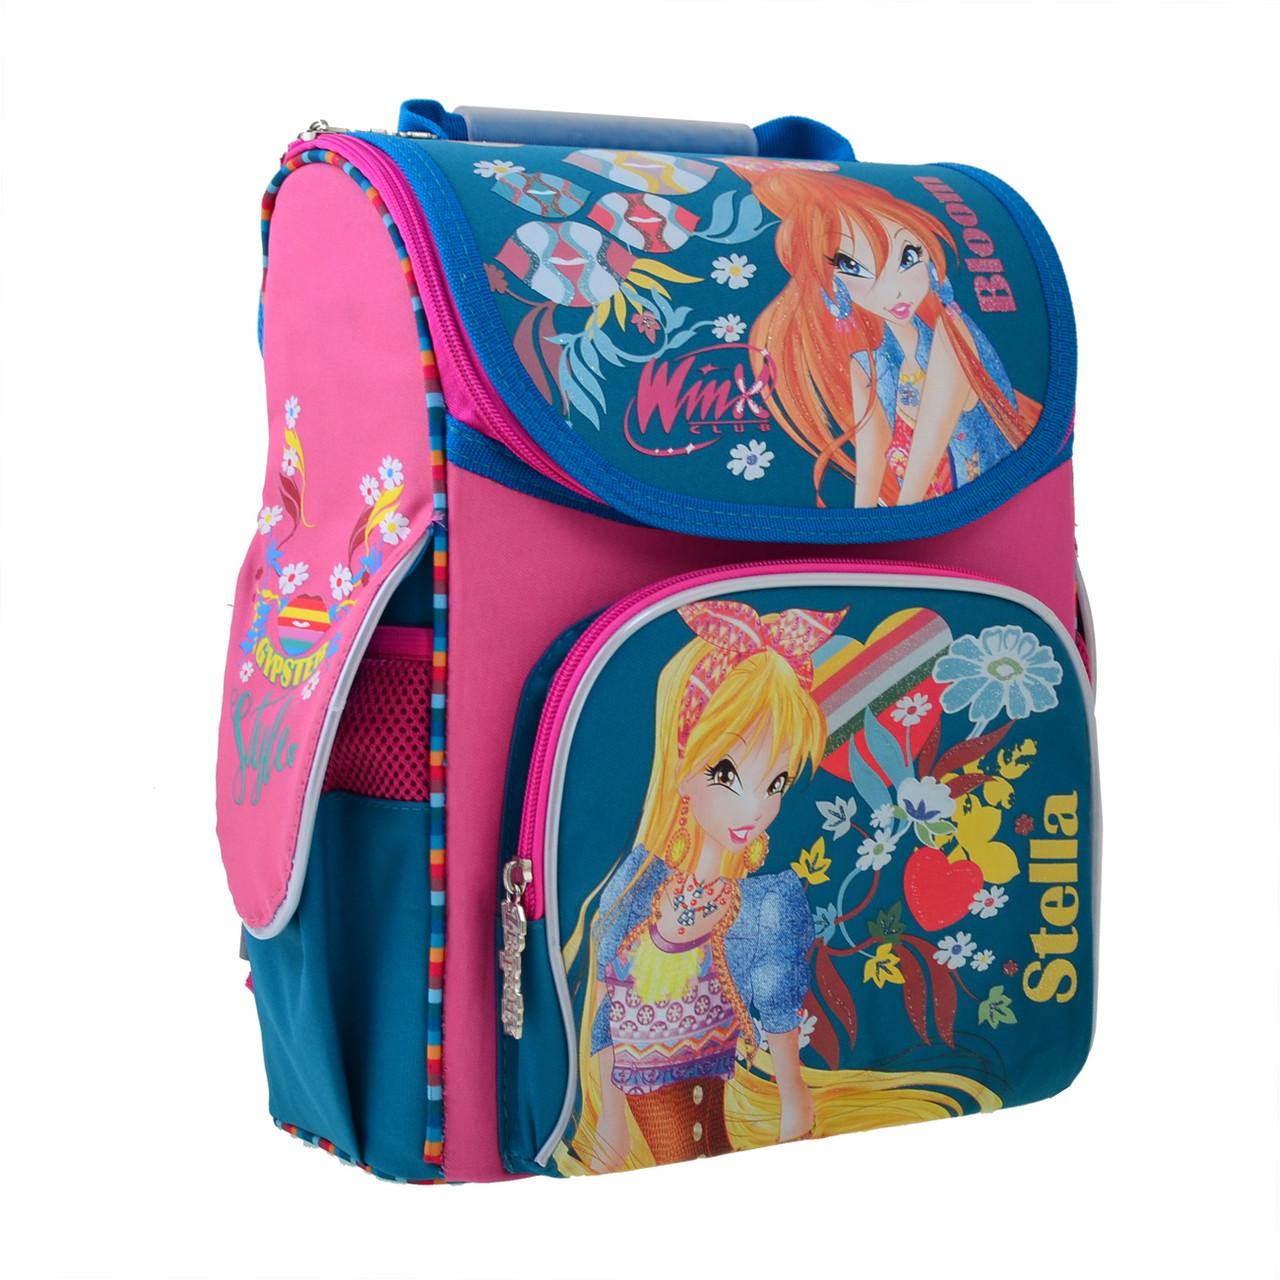 Рюкзак школьный каркасный 1 Вересня H-11 Winx mint, 33.5*26*13.5 код: 555188